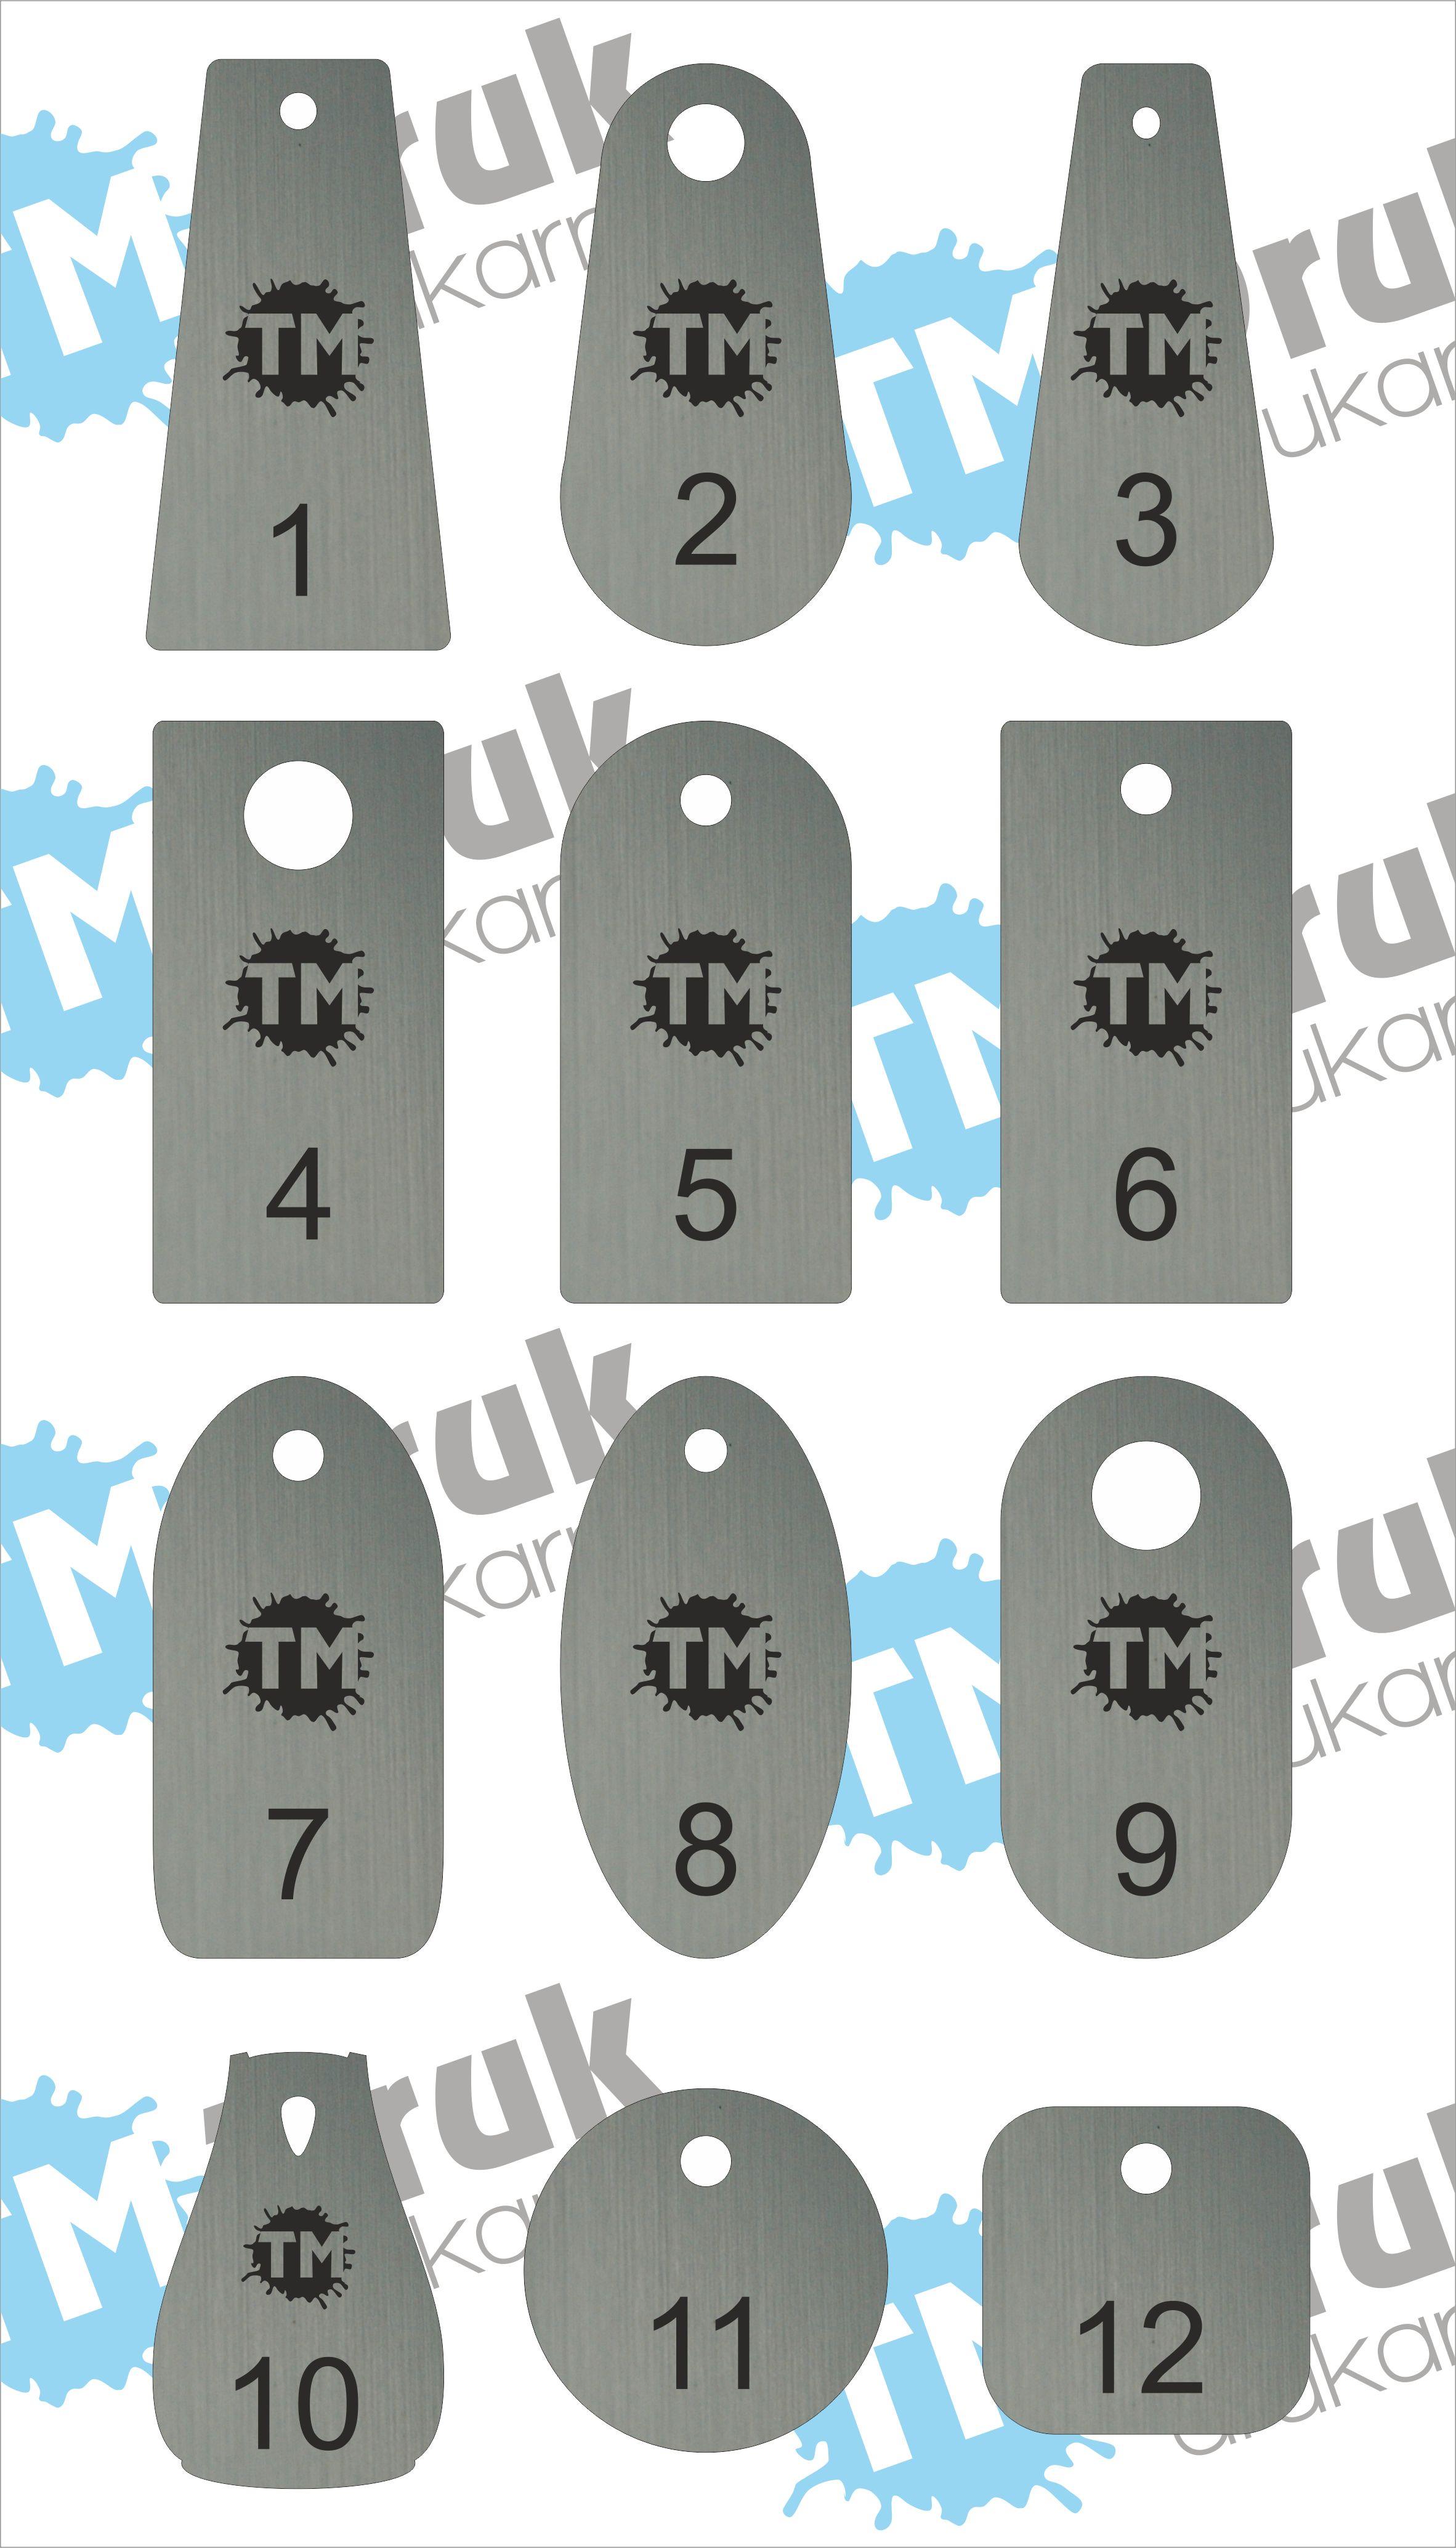 Przykłady numerków-zawieszek-breloków do szatni